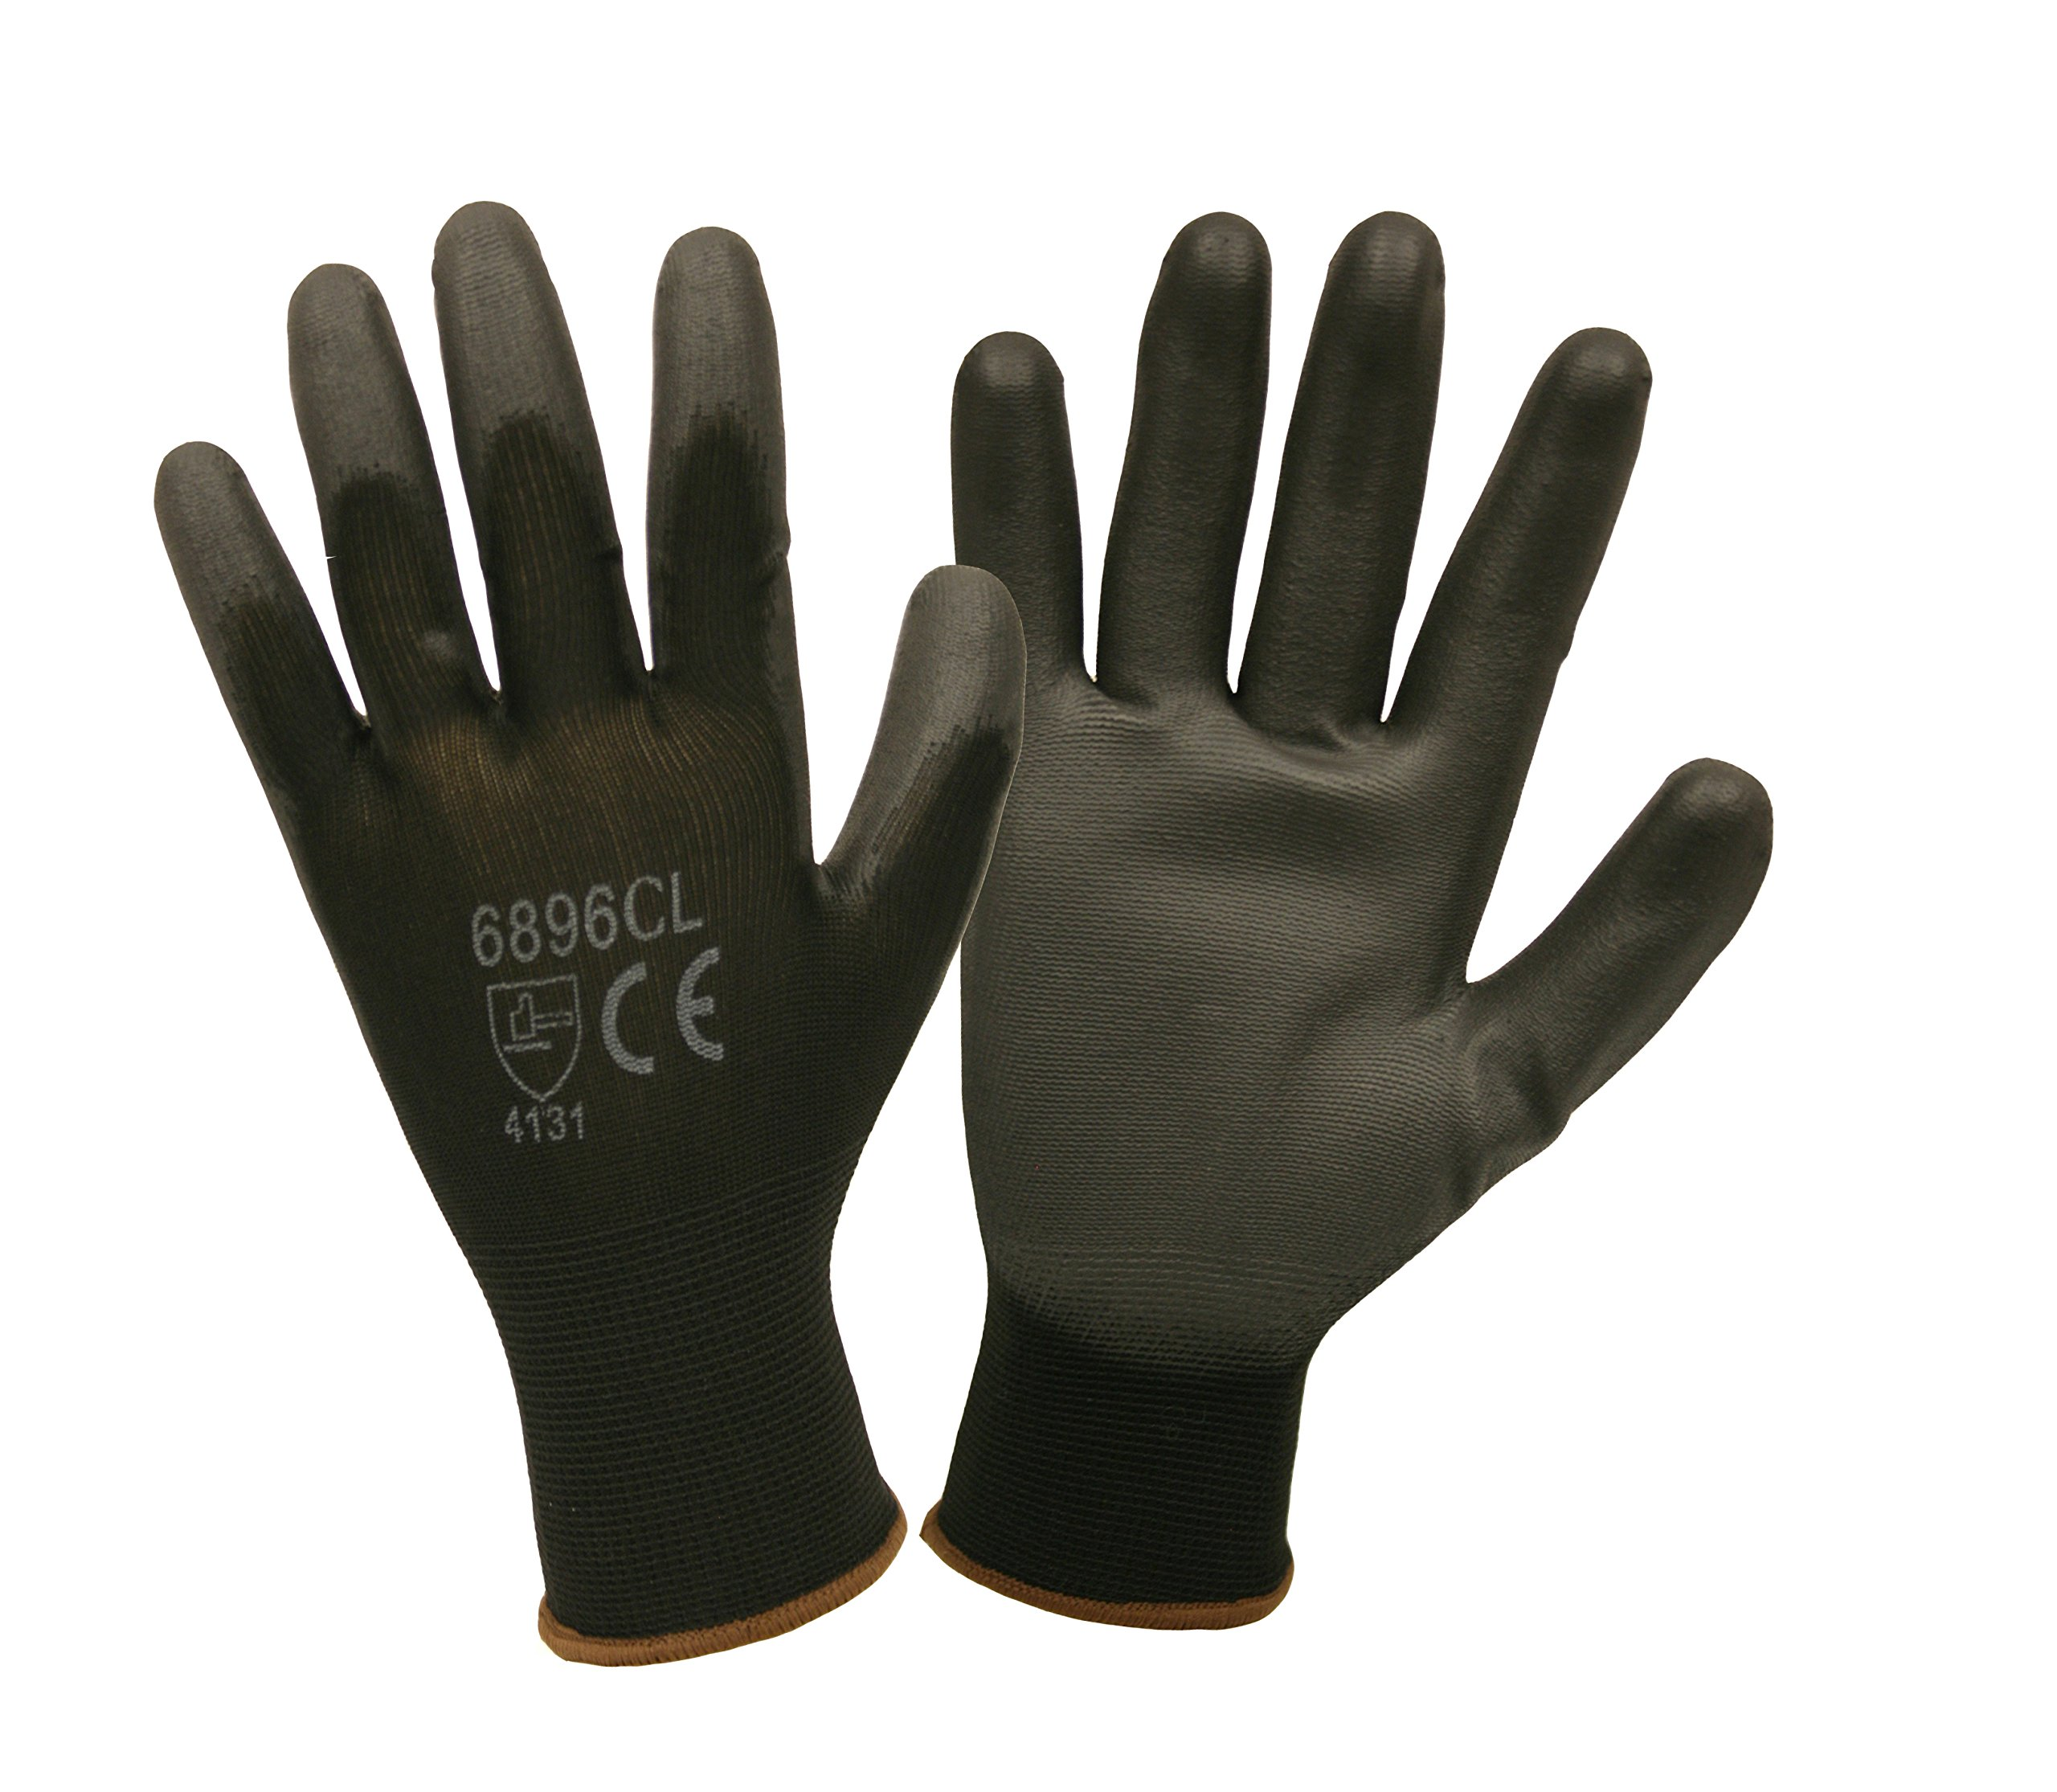 Black Nylon Work Gloves with Polyurethane Coating (Pack of 12)